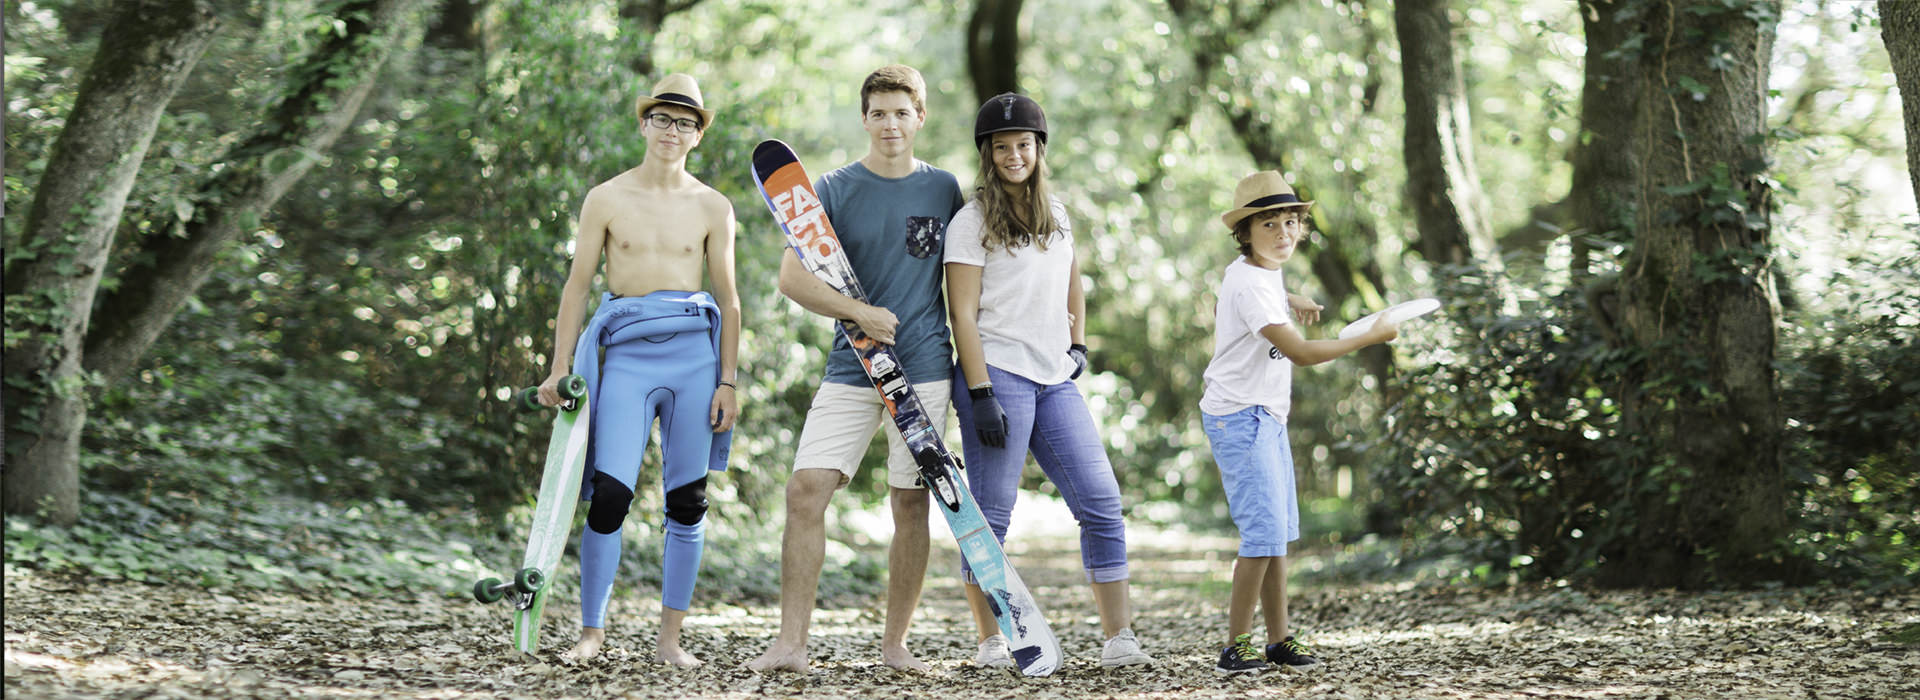 photographe-famille-guerande-la-baule-pornichet